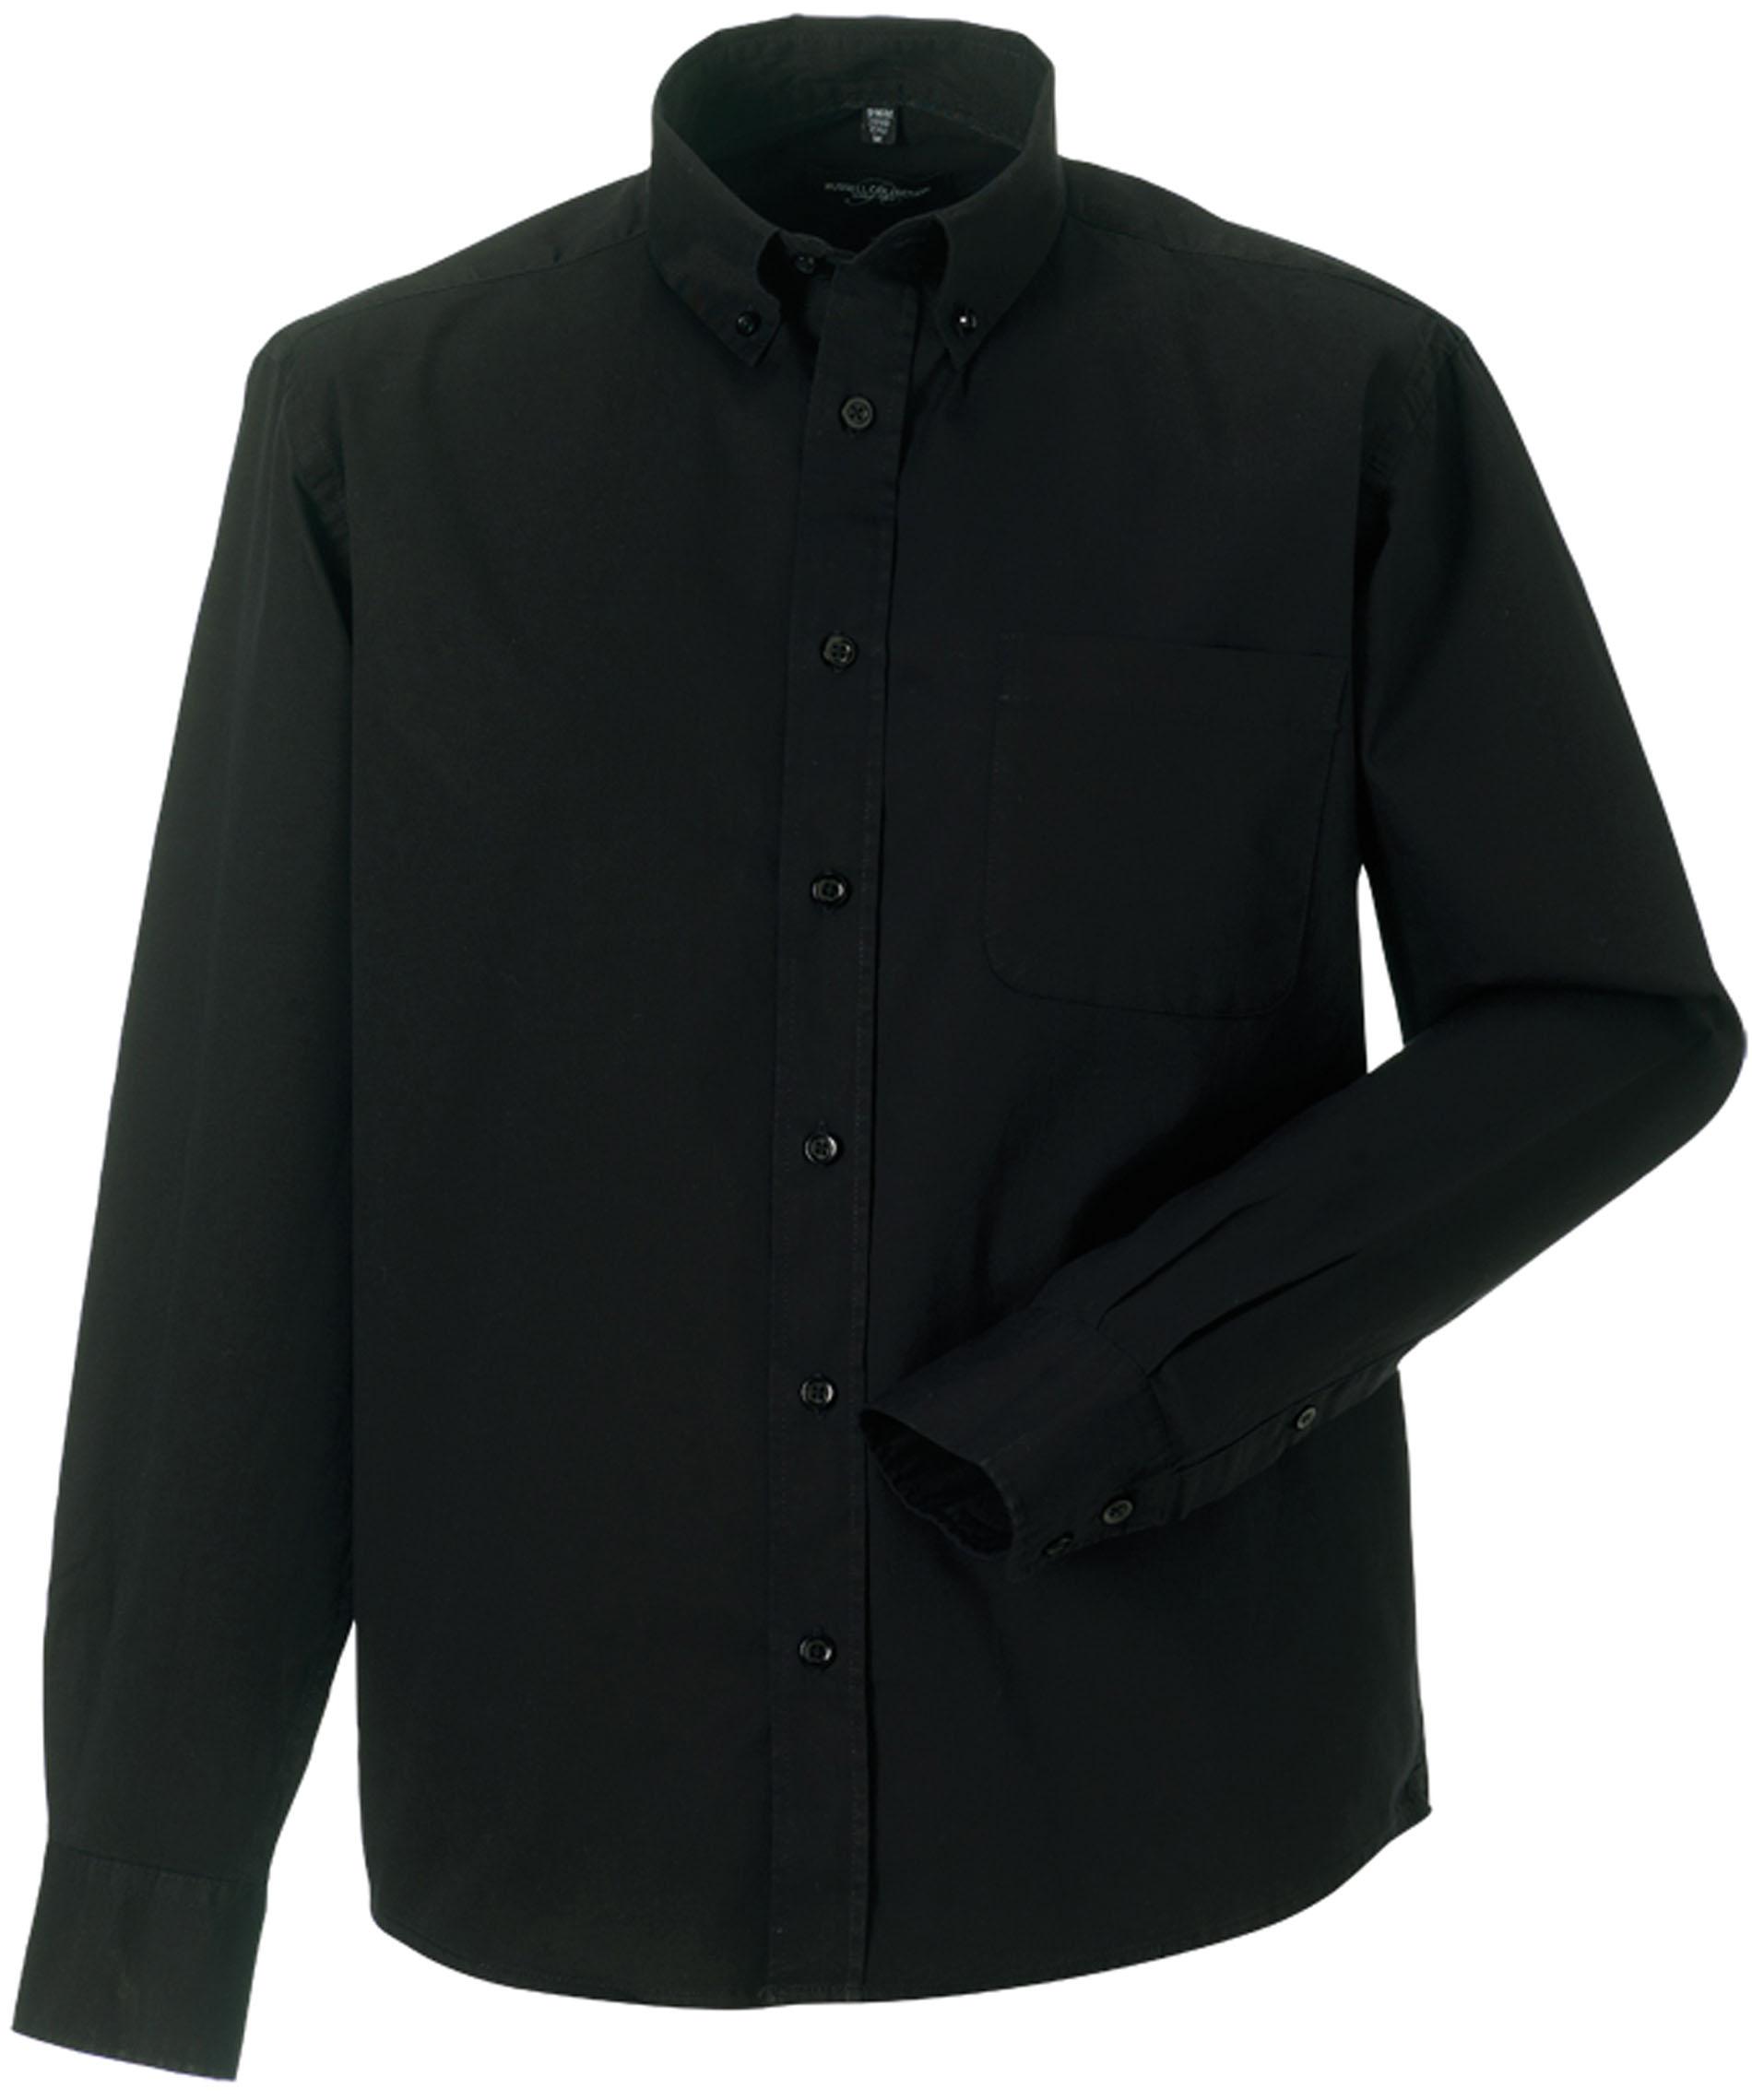 Manches Coton En Sergé Longues Pour Twill Shirt Homme Chemise wzqEPUX